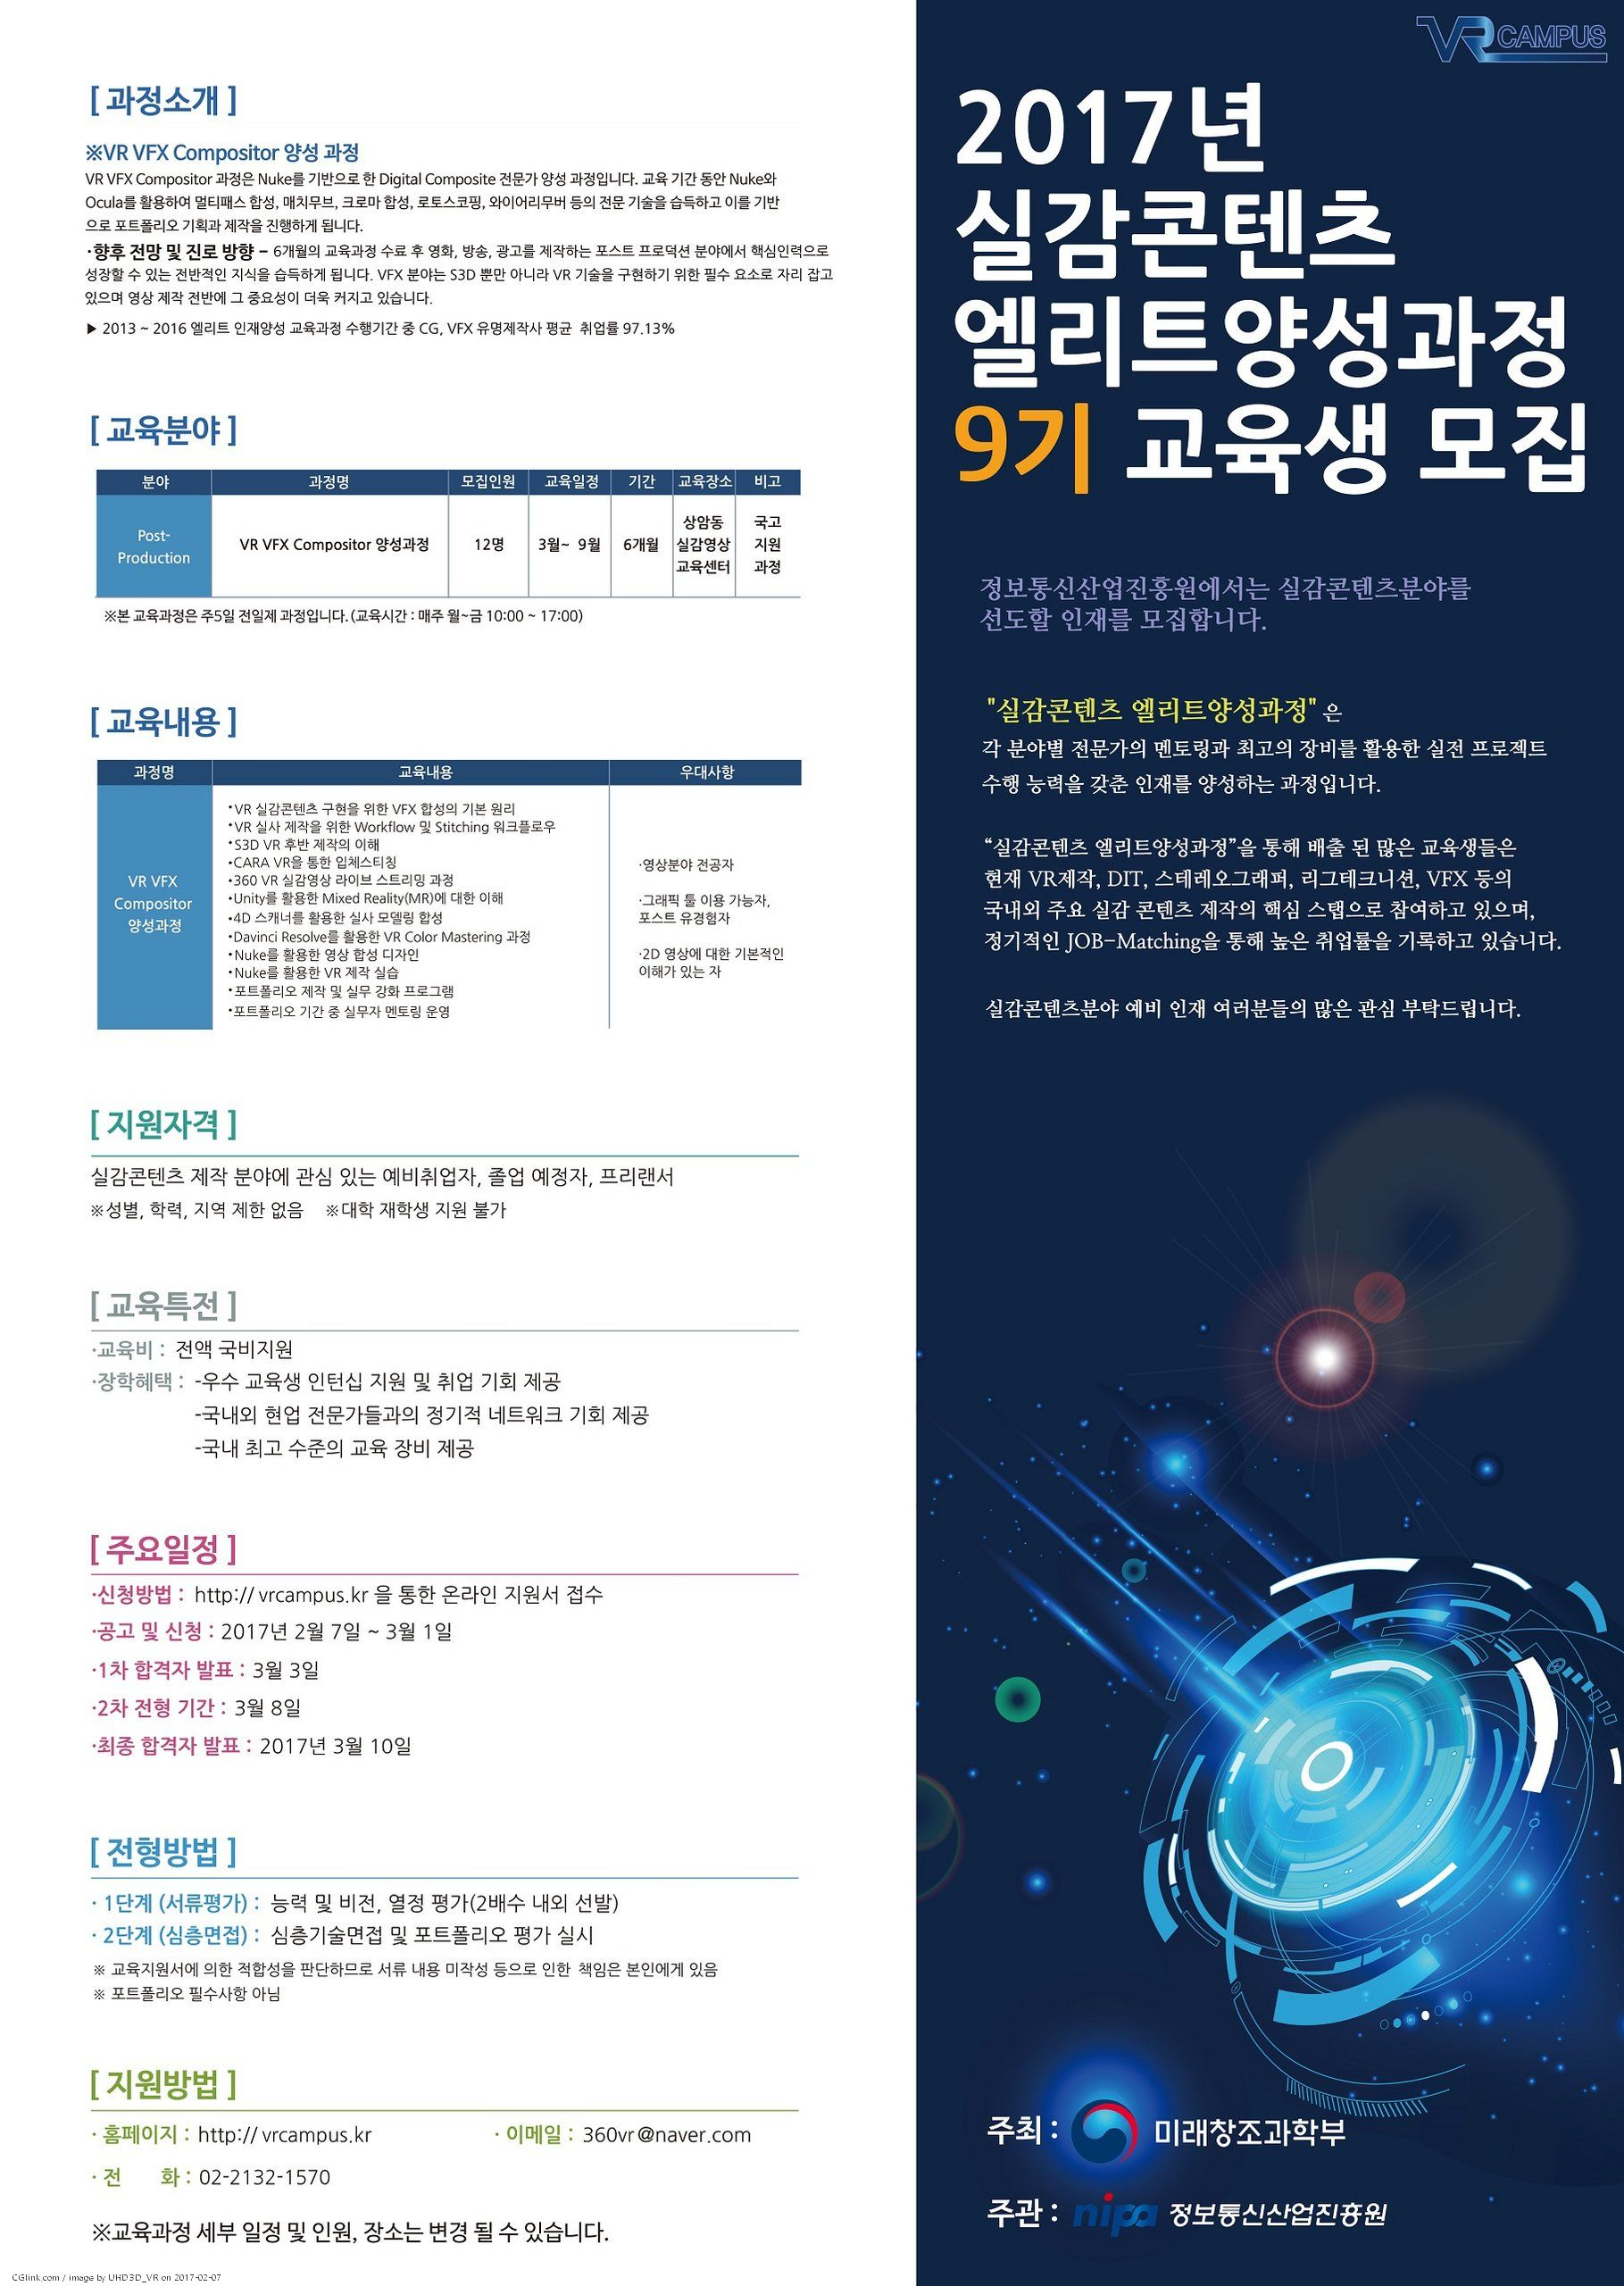 2017 실감콘텐츠 엘리트양성 과정 교욱생모집 홍보포스터_저용량.jpg